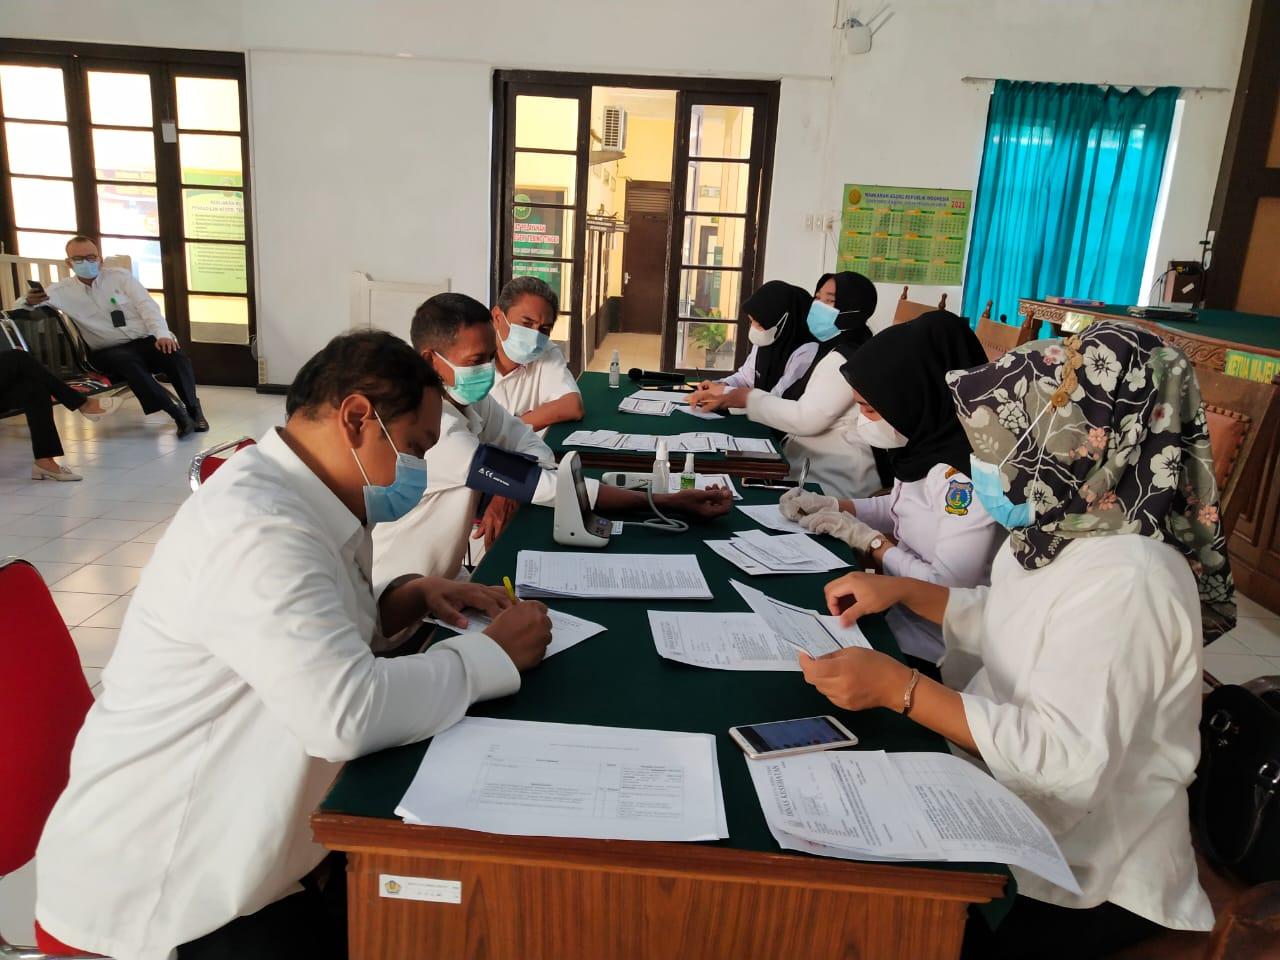 Pelaksanaan Vaksinasi Covid 19 Tahap II Pengadilan Negeri Tebing Tinggi Kelas I B bersama Dinas Kesehatan Kota Tebing Tinggi